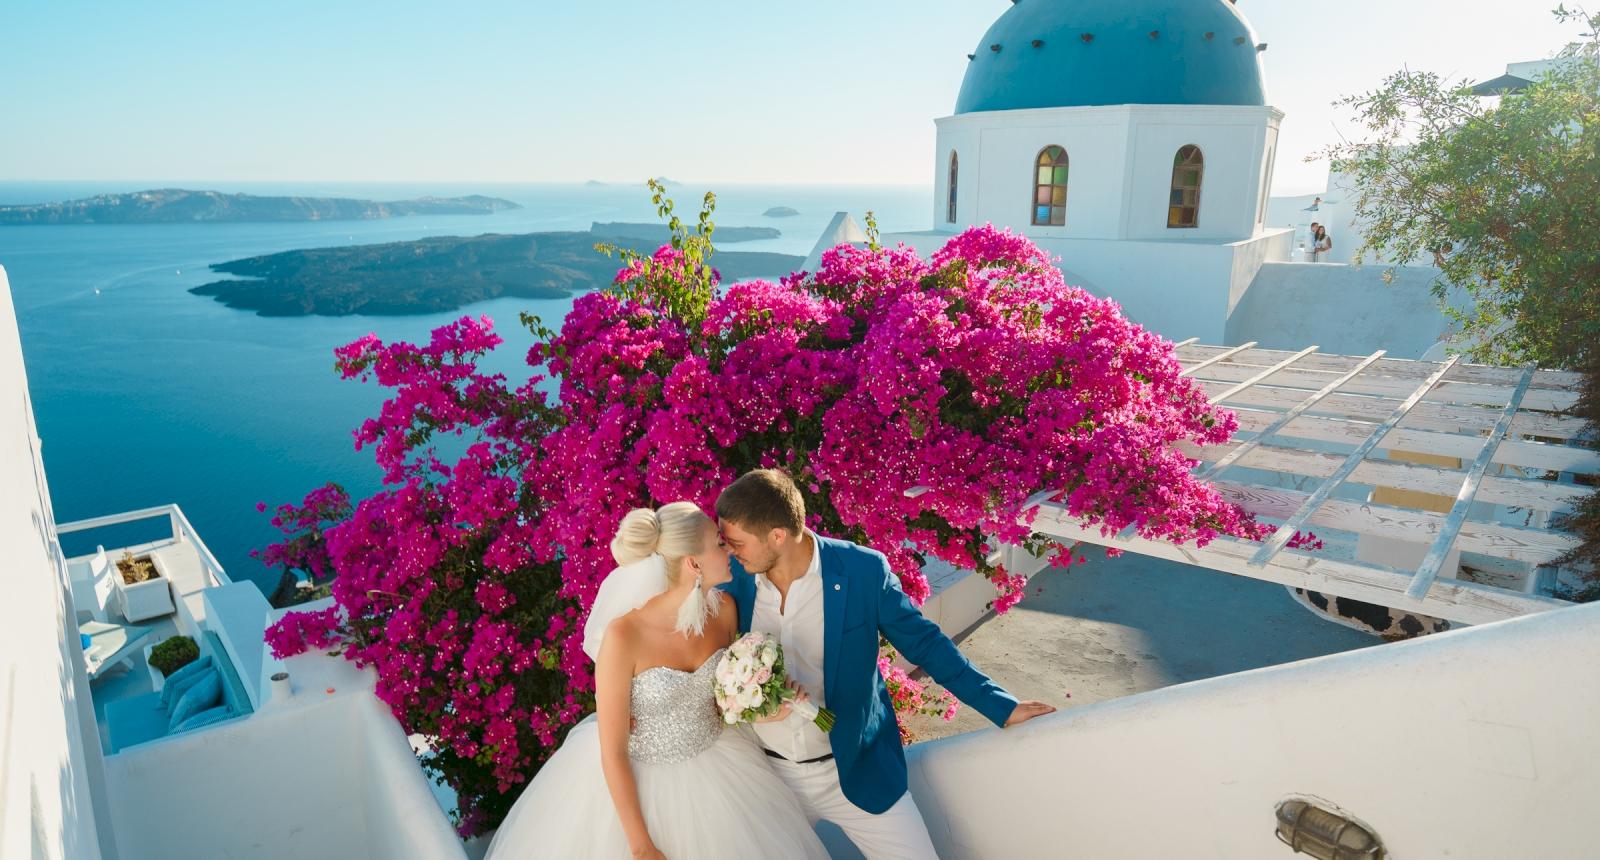 Екатерина и Дмитрий: свадьба на санторини, свадебное агентство Julia Veselova - Фото 2